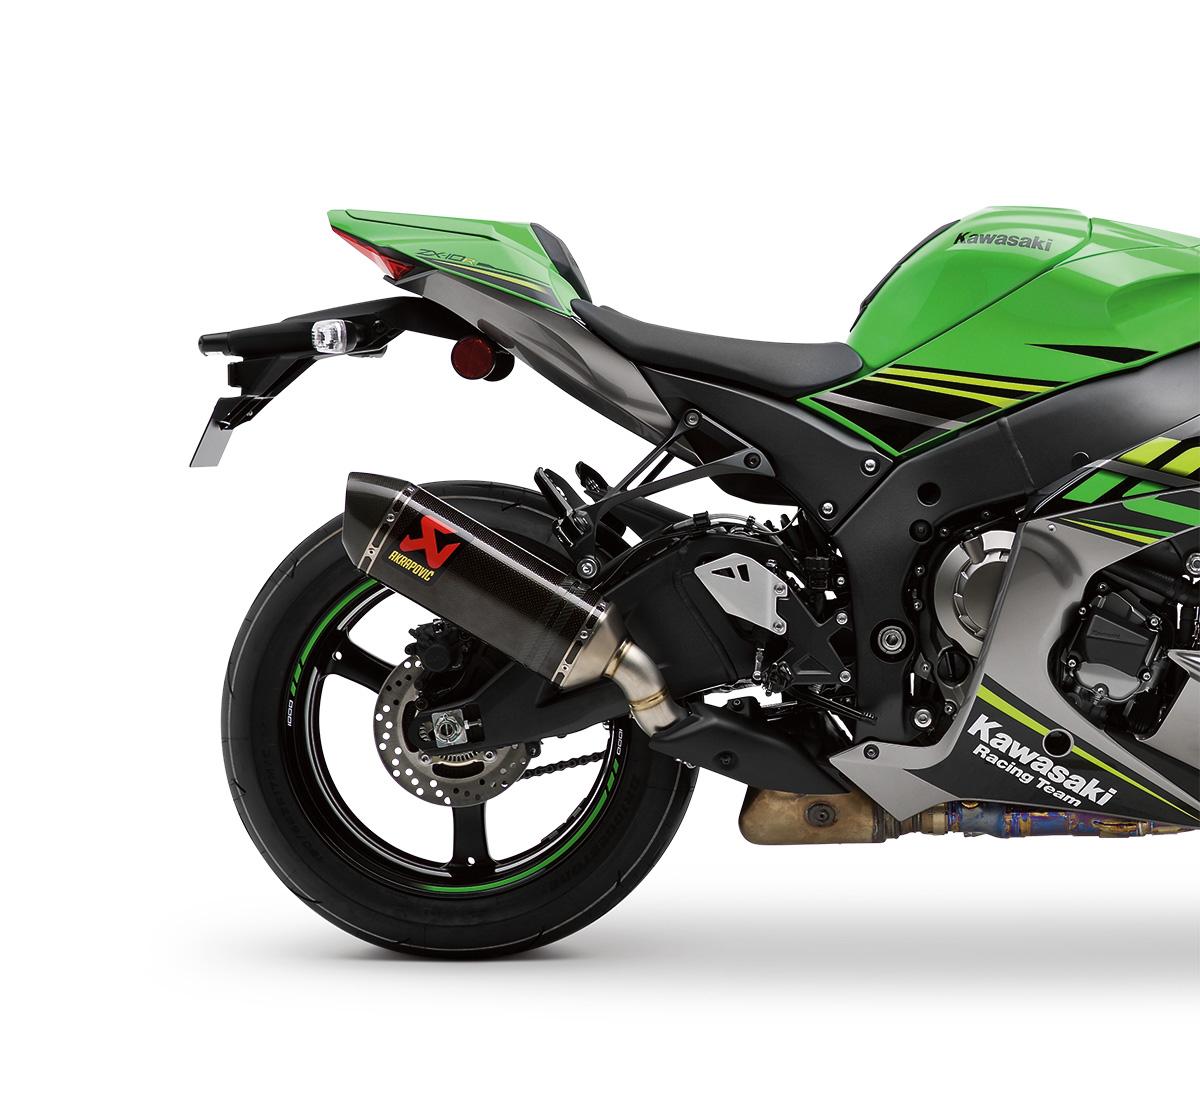 2019 Ninja Zx 10rr Ninja Motorcycle By Kawasaki